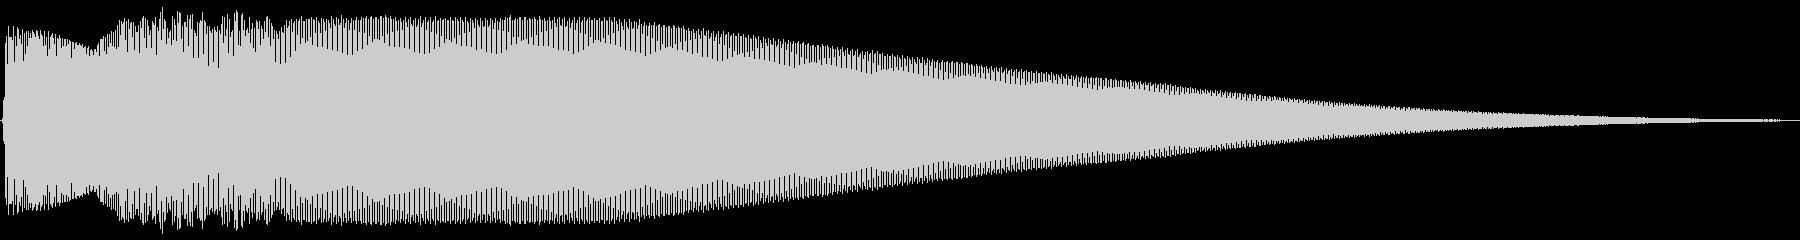 Pure ピュアでクリアなタッチ音 Bの未再生の波形